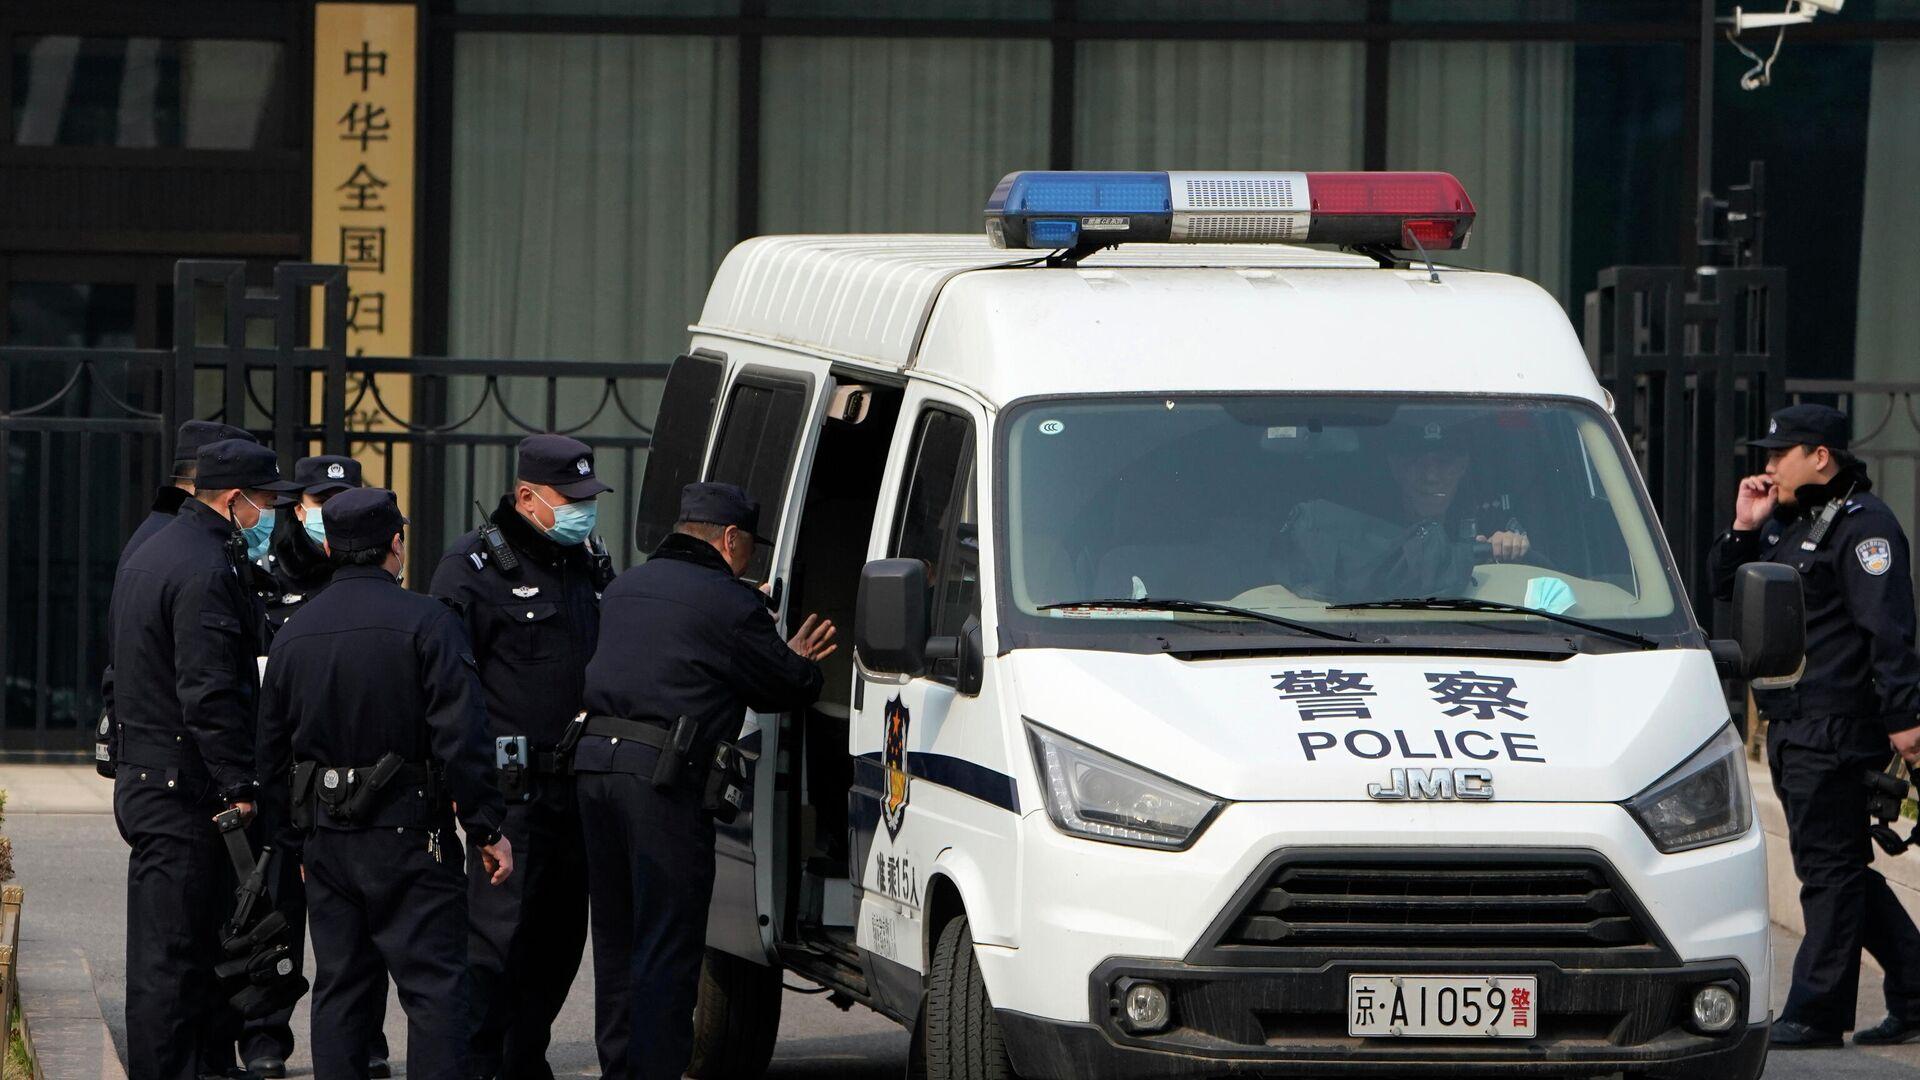 Chinesische Polizisten neben einem Polizeiwagen in einem Gebiet in der Nähe der Großen Halle des Volkes. - SNA, 1920, 11.09.2021